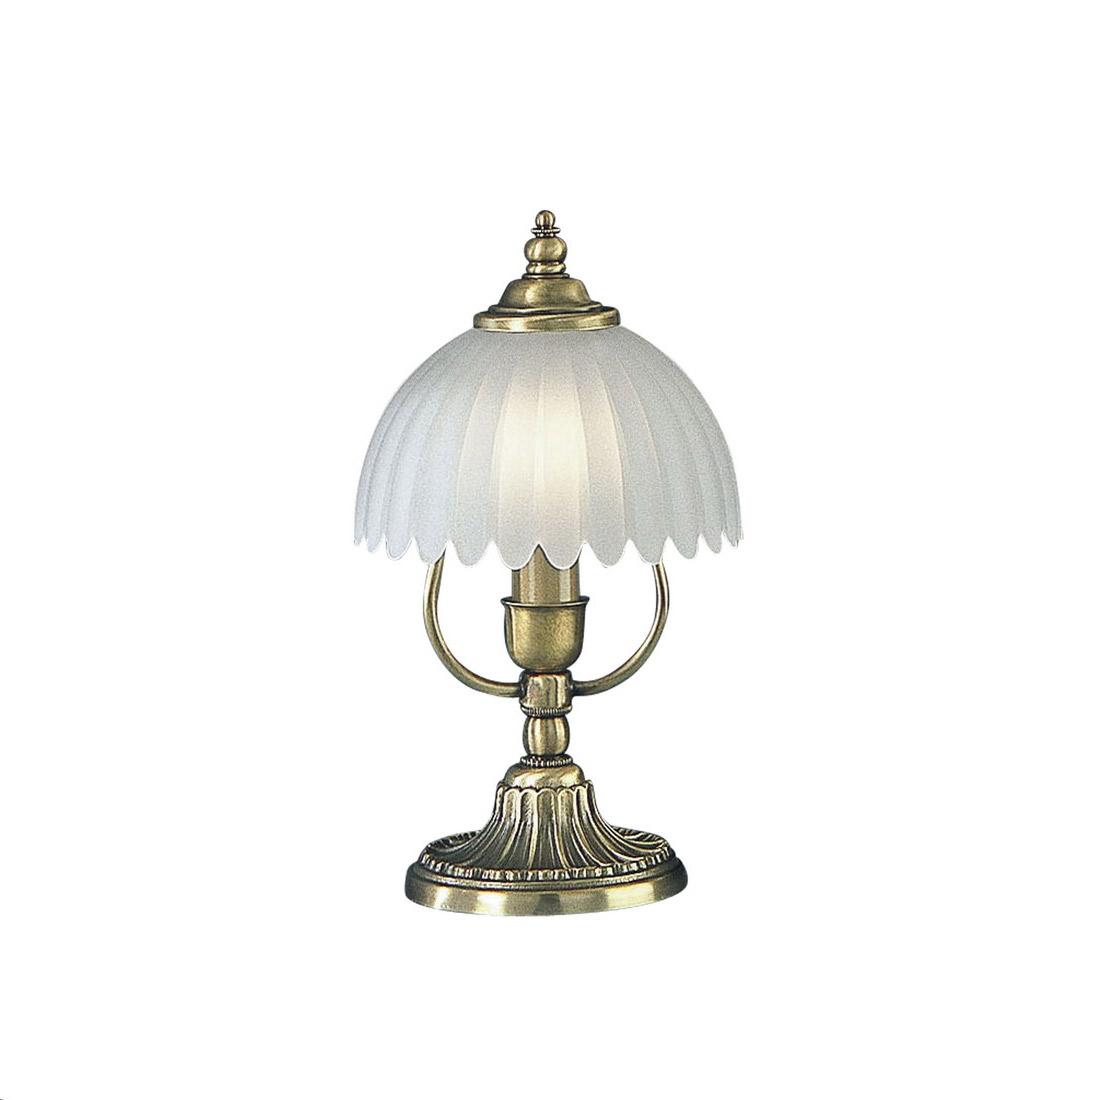 Настольная лампа Reccagni Angelo P 2825 Bronze 3030 настольная лампа reccagni angelo p 3831